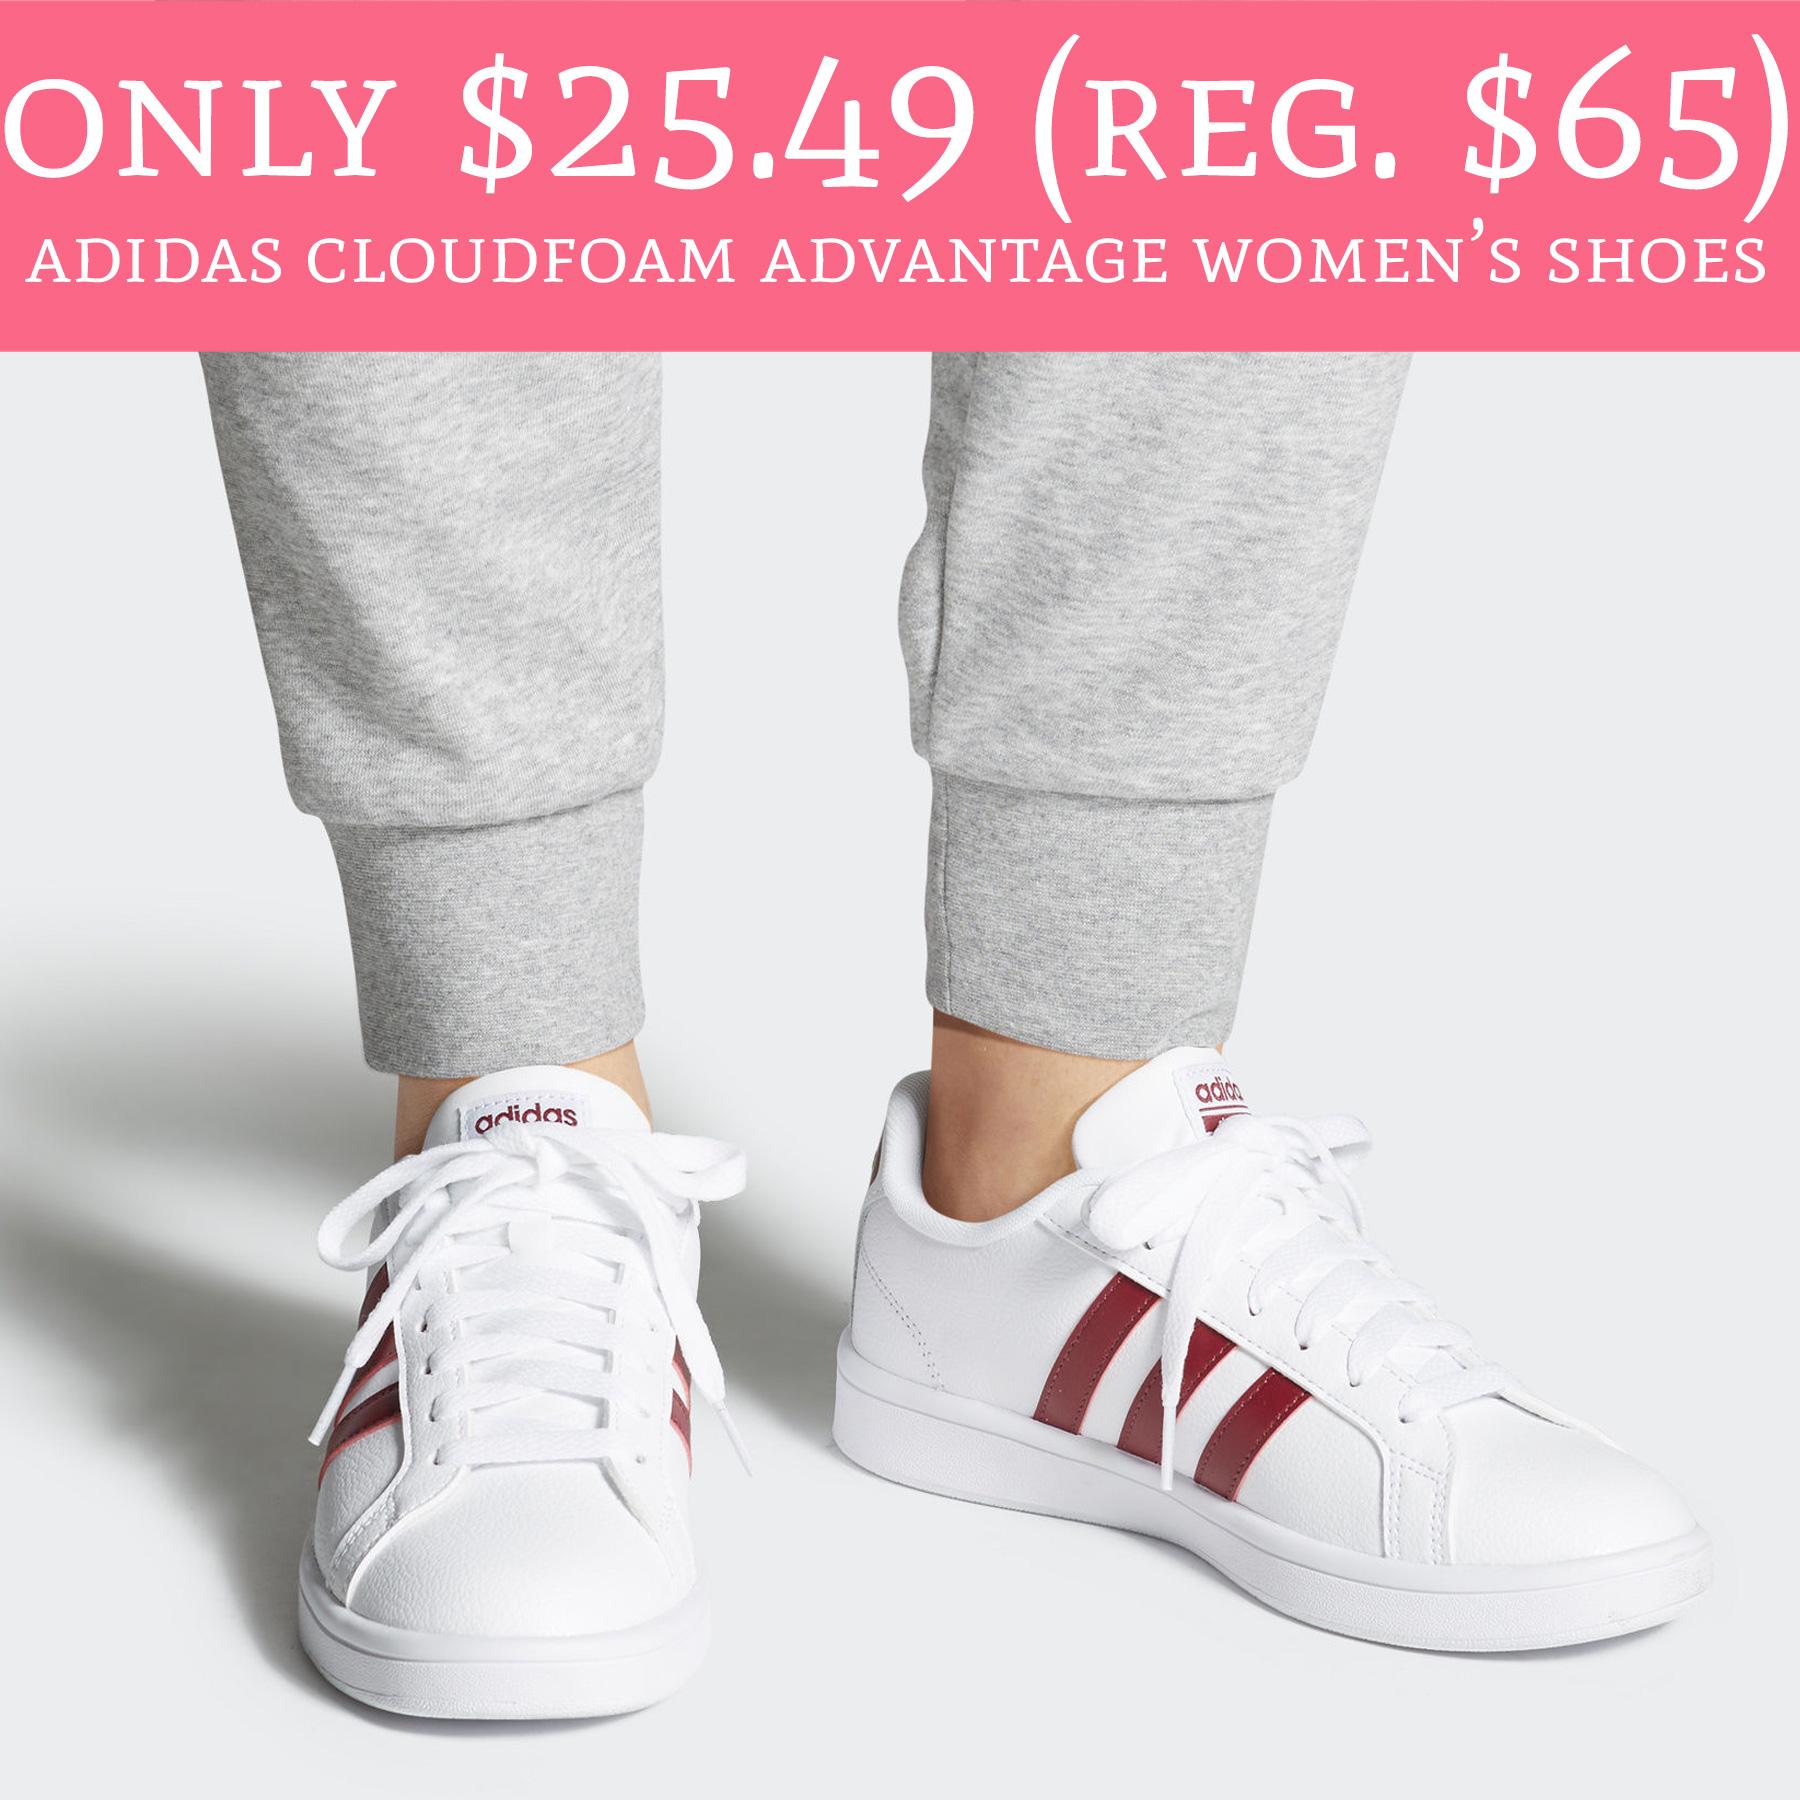 Only $25.49 (Regular $65) Adidas Cloudfoam Advantage Women's